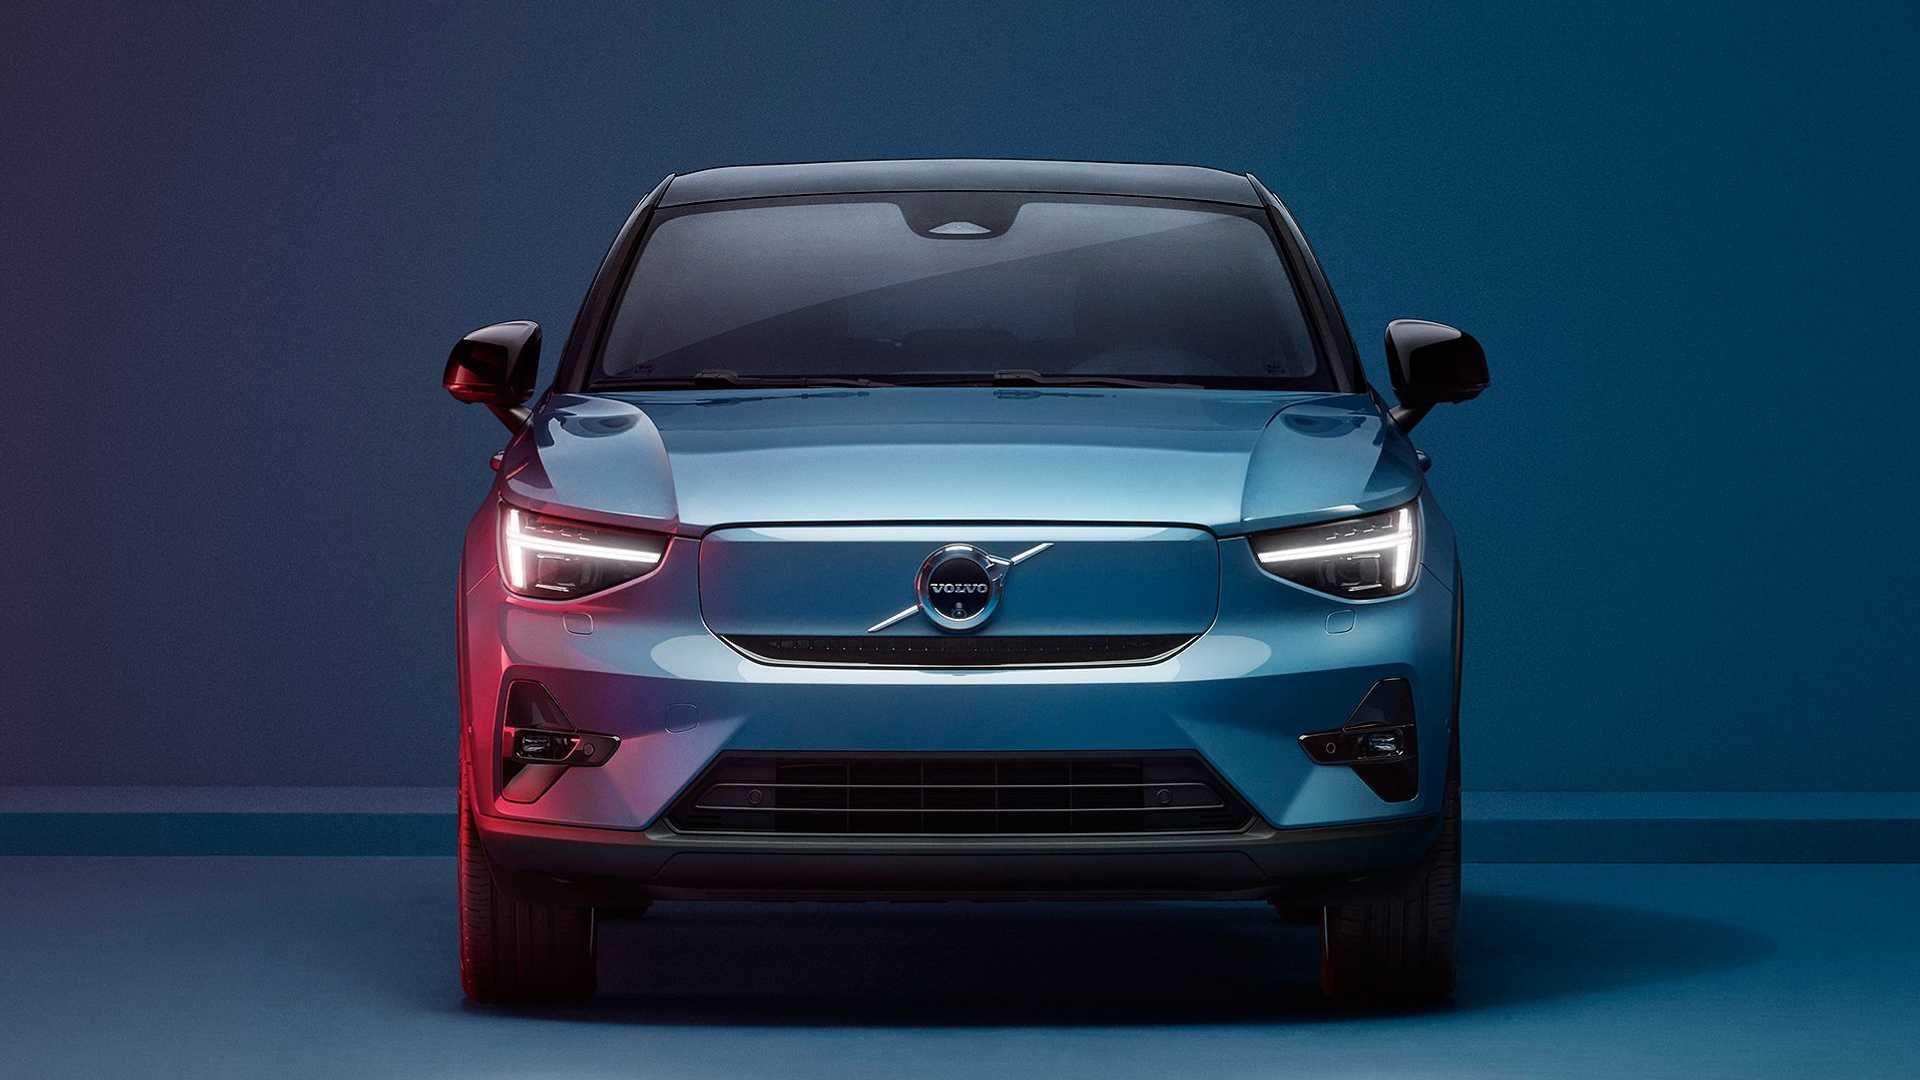 آرم خودروسازی «ولوو» تغییر کرد